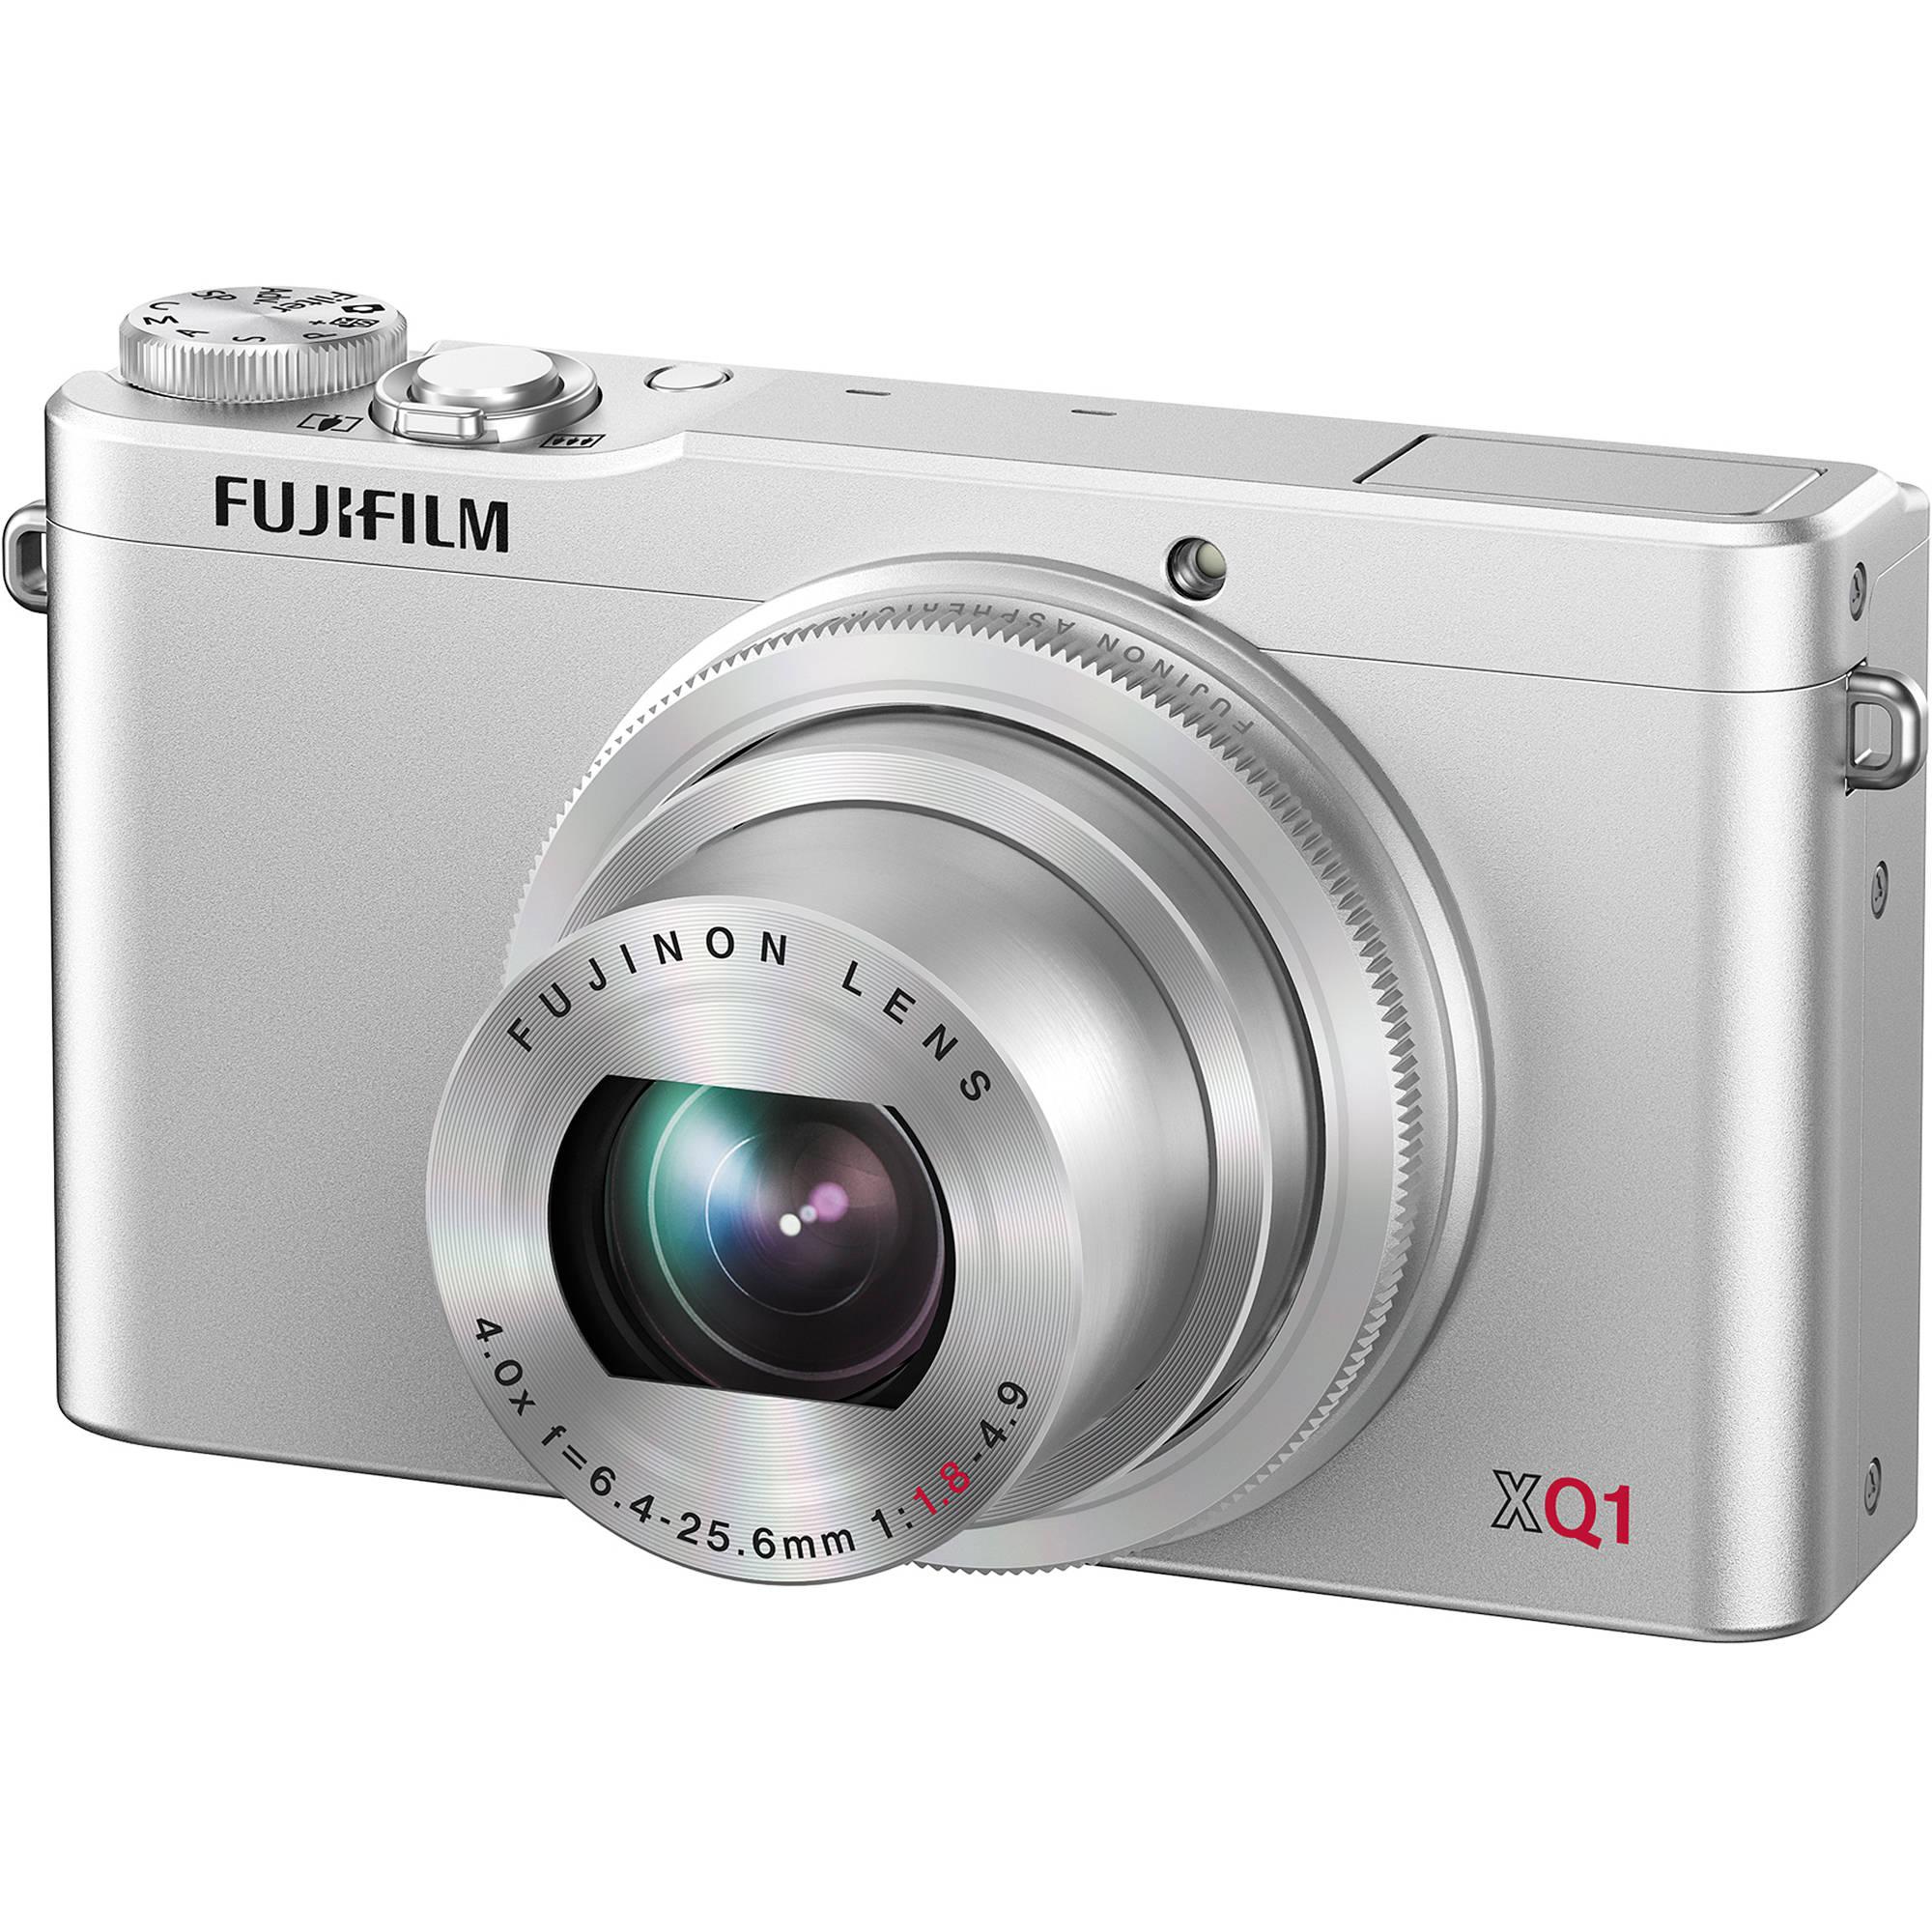 New Drivers: Fujifilm XQ1 Camera